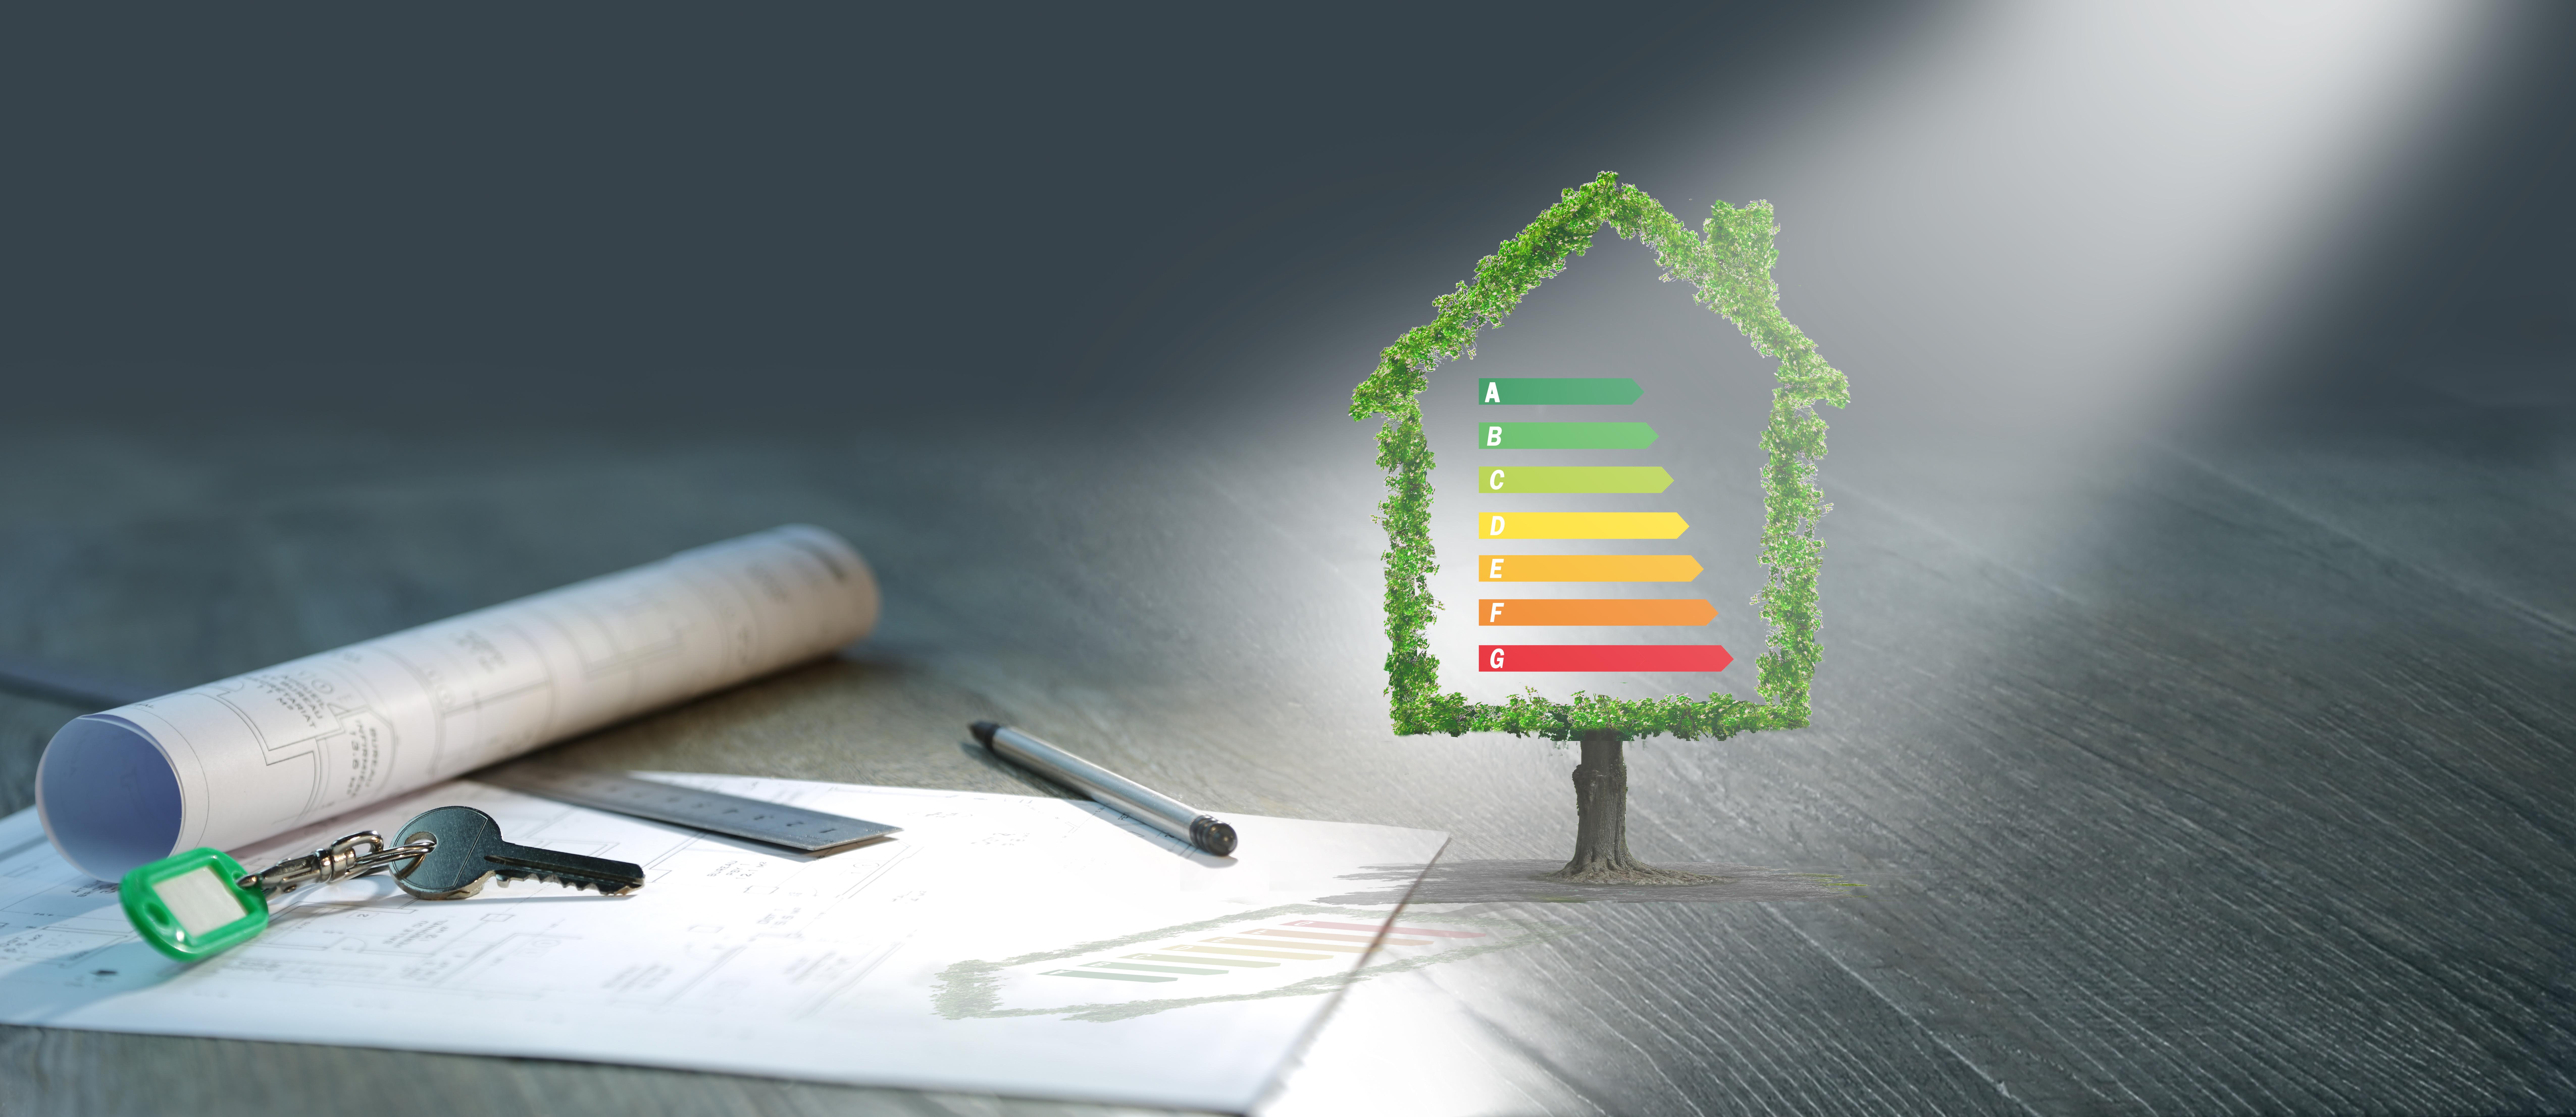 Réglementation thermique : où en est votre maison ?